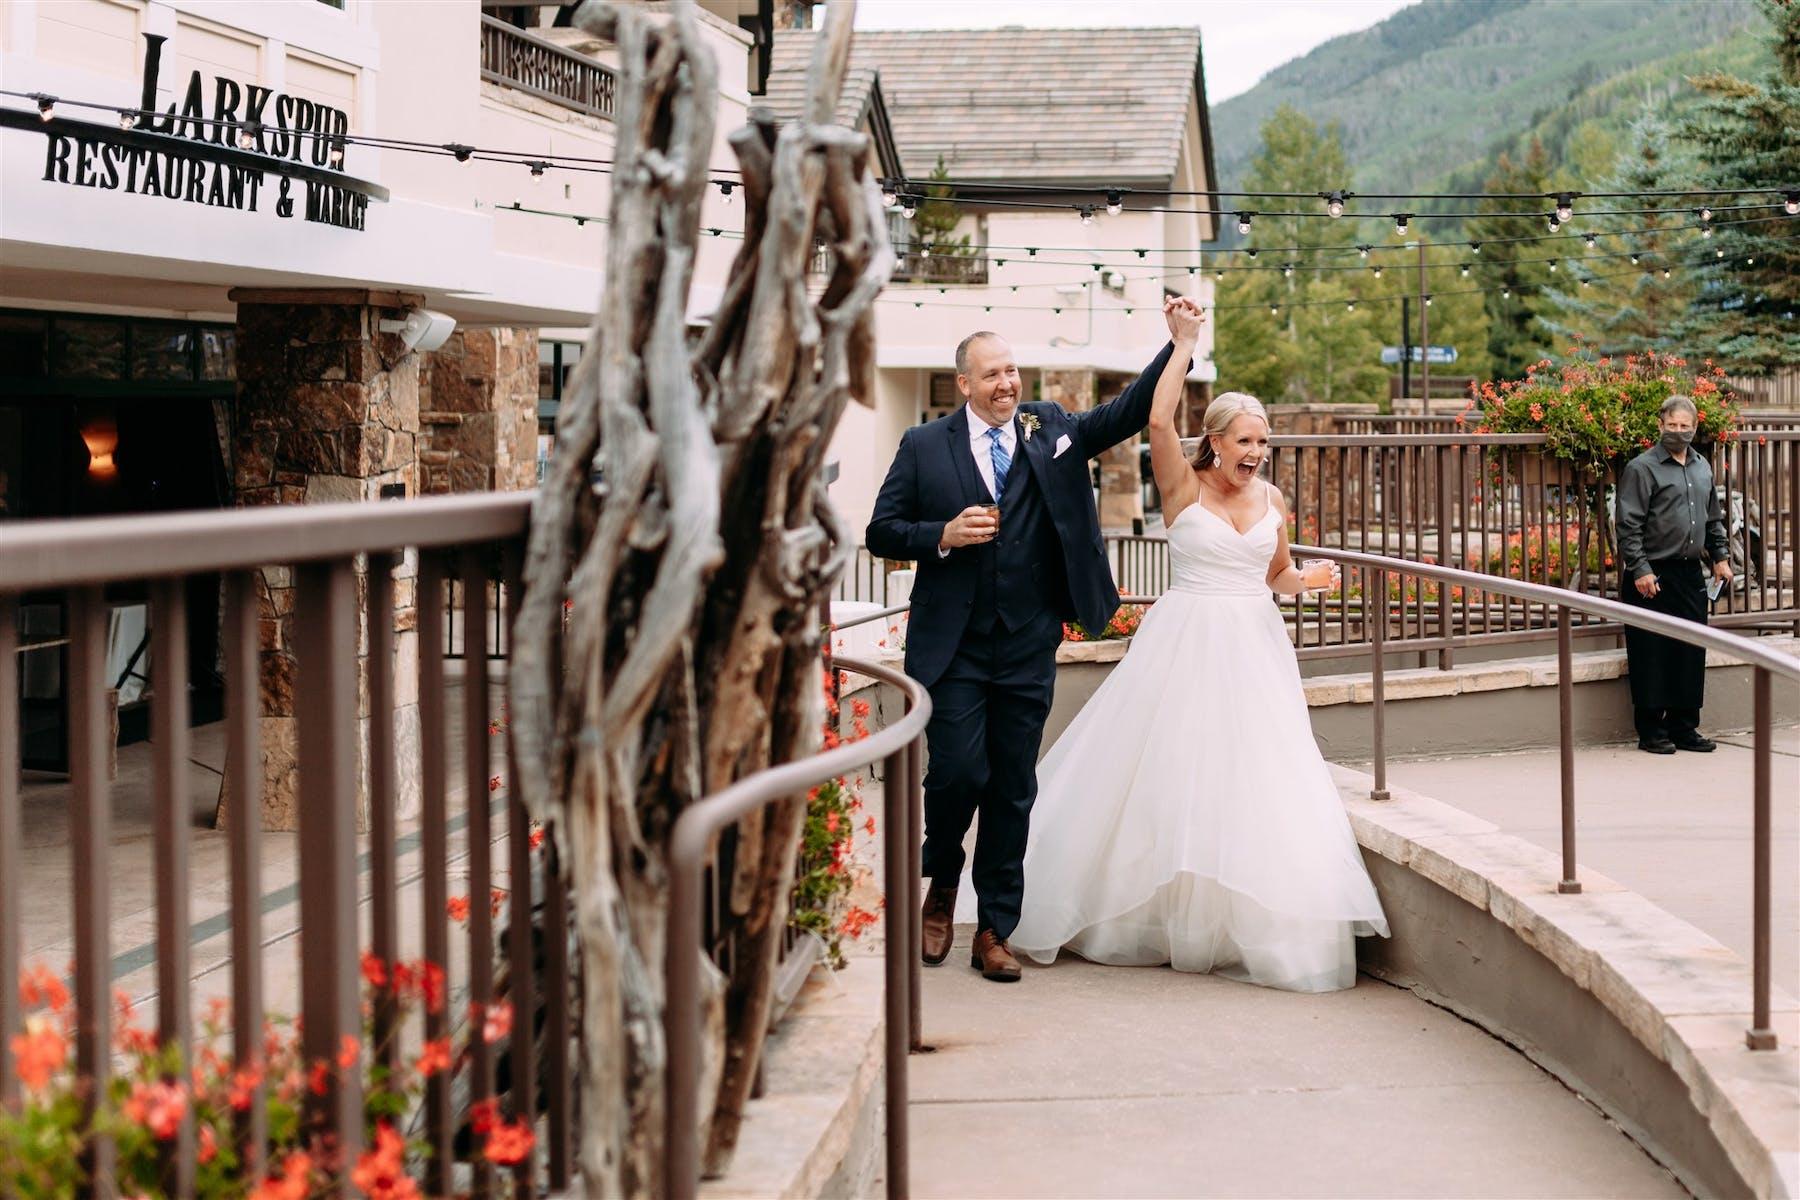 Larkspur Wedding Venue Vail Colorado Mountain Wedding Bride and Groom Introduction